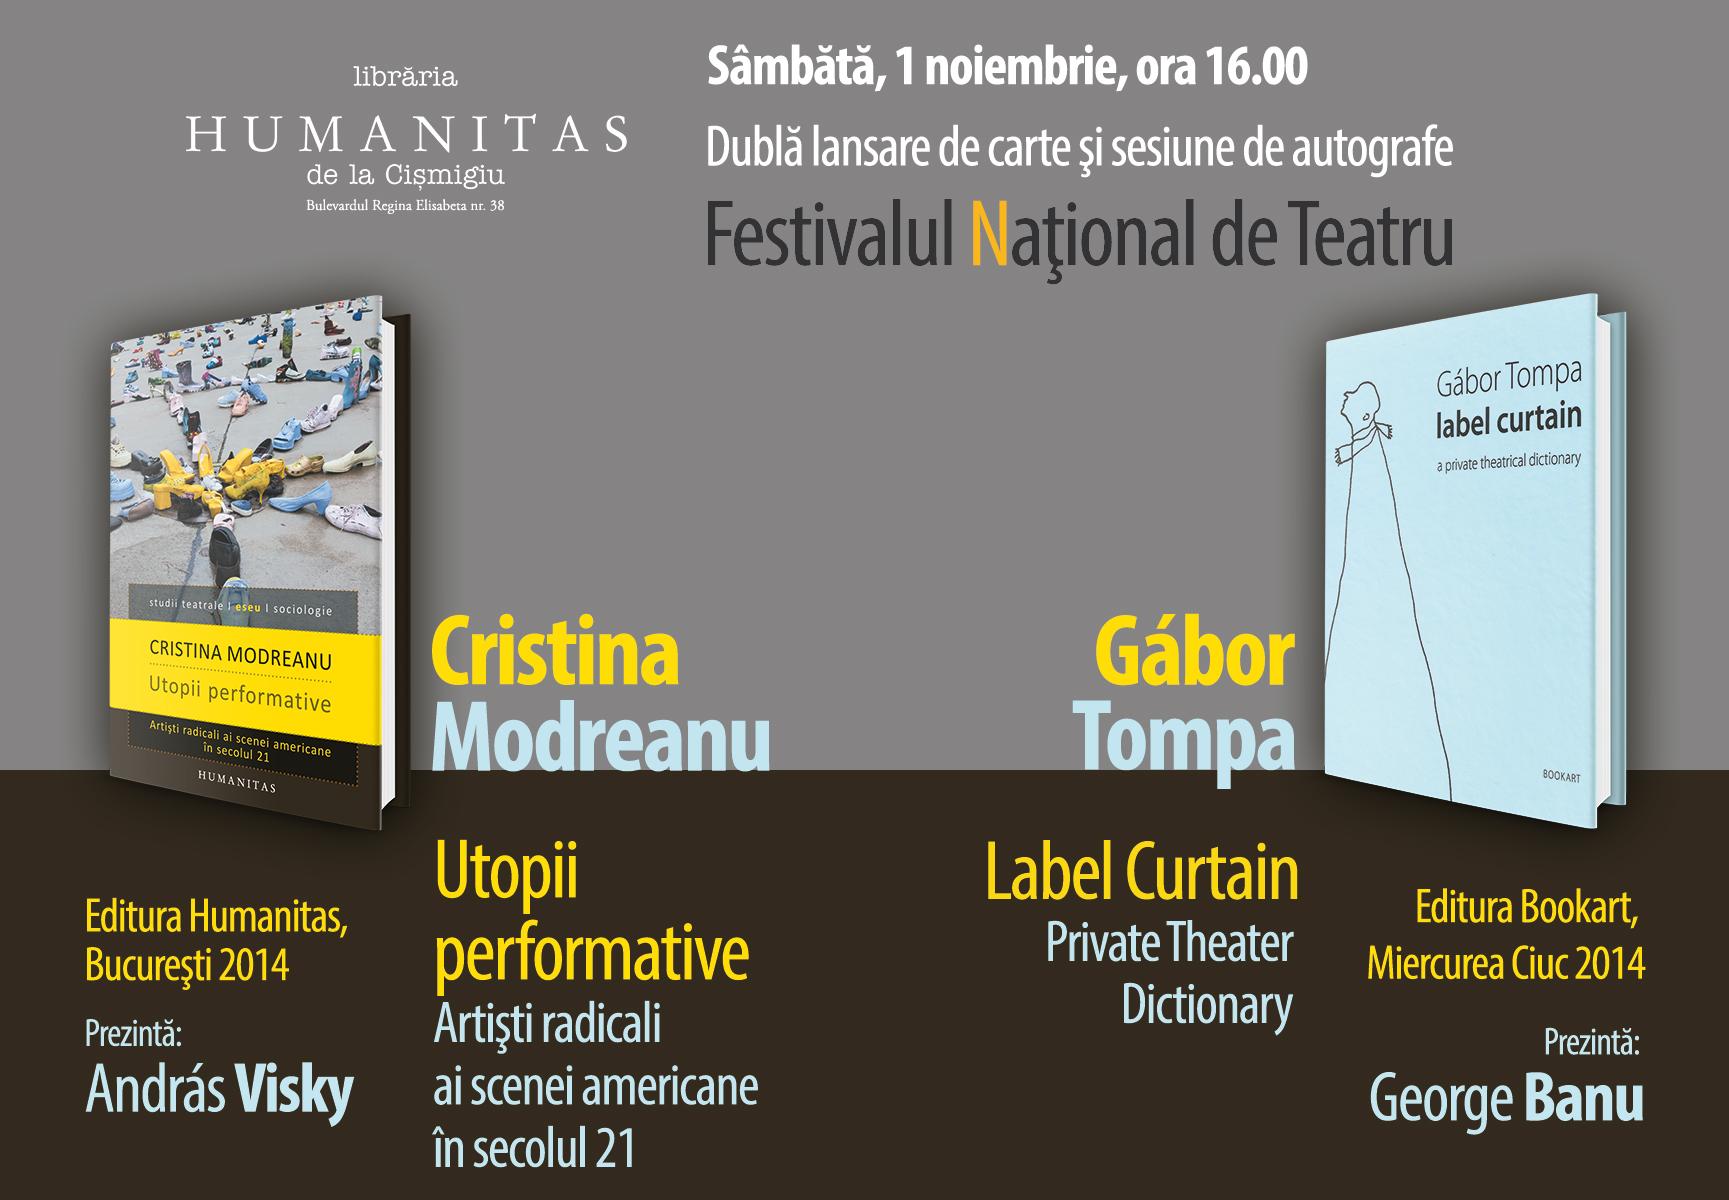 Dublă lansare și sesiune de autografe Cristina Modreanu și Tompa Gábor